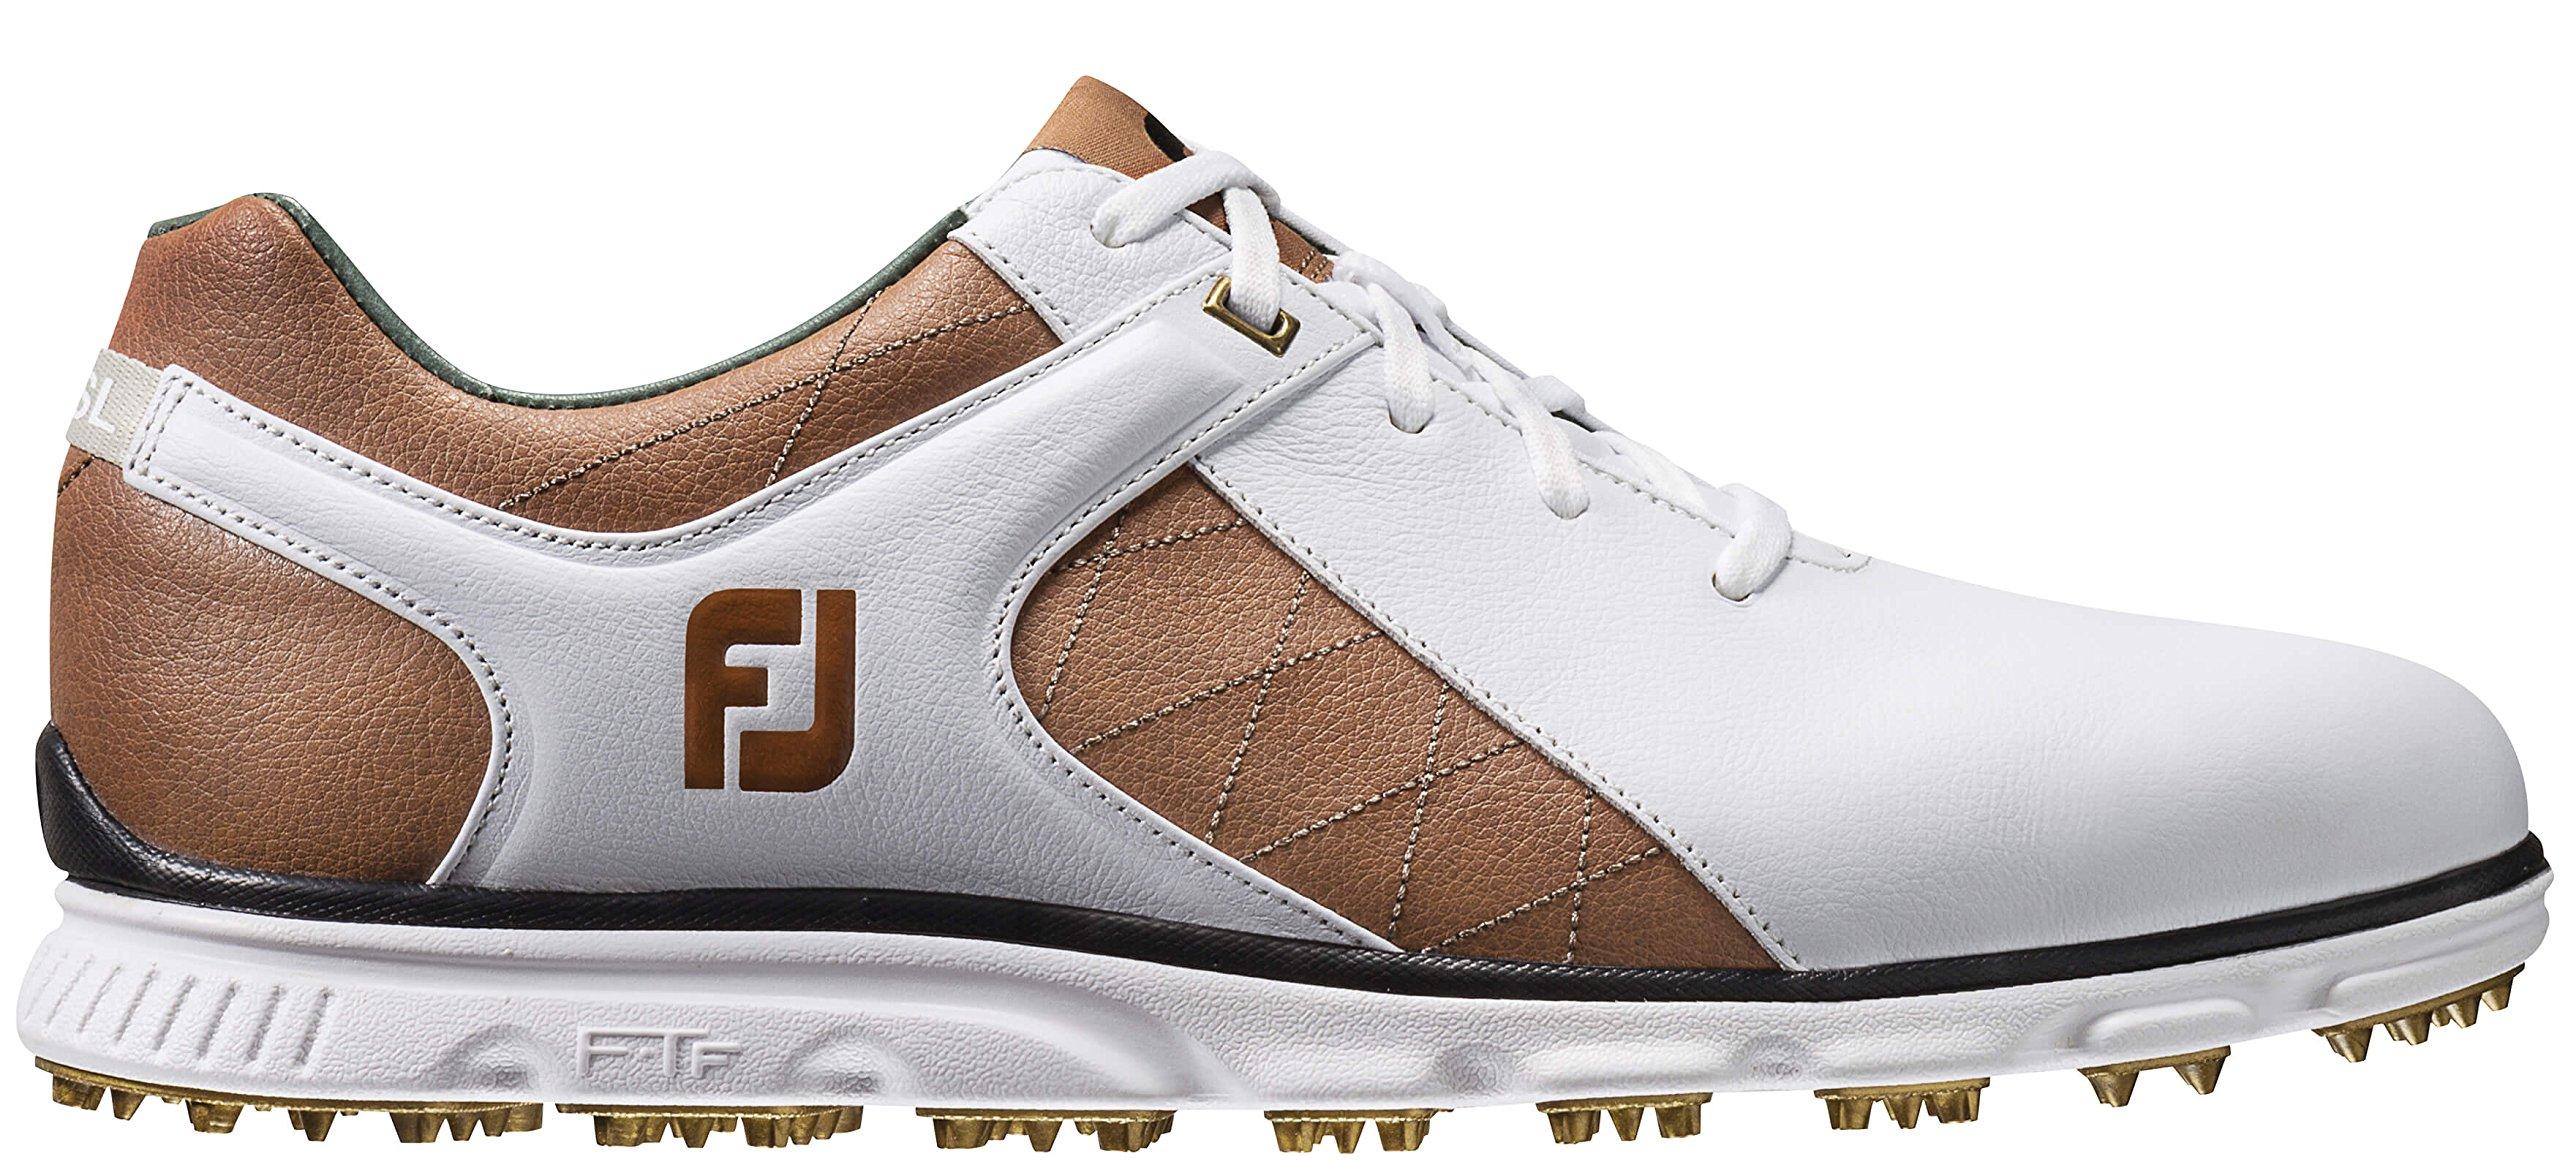 FootJoy Men's Pro/SL-Previous Season Style Golf Shoes White 7.5 W Tan, US